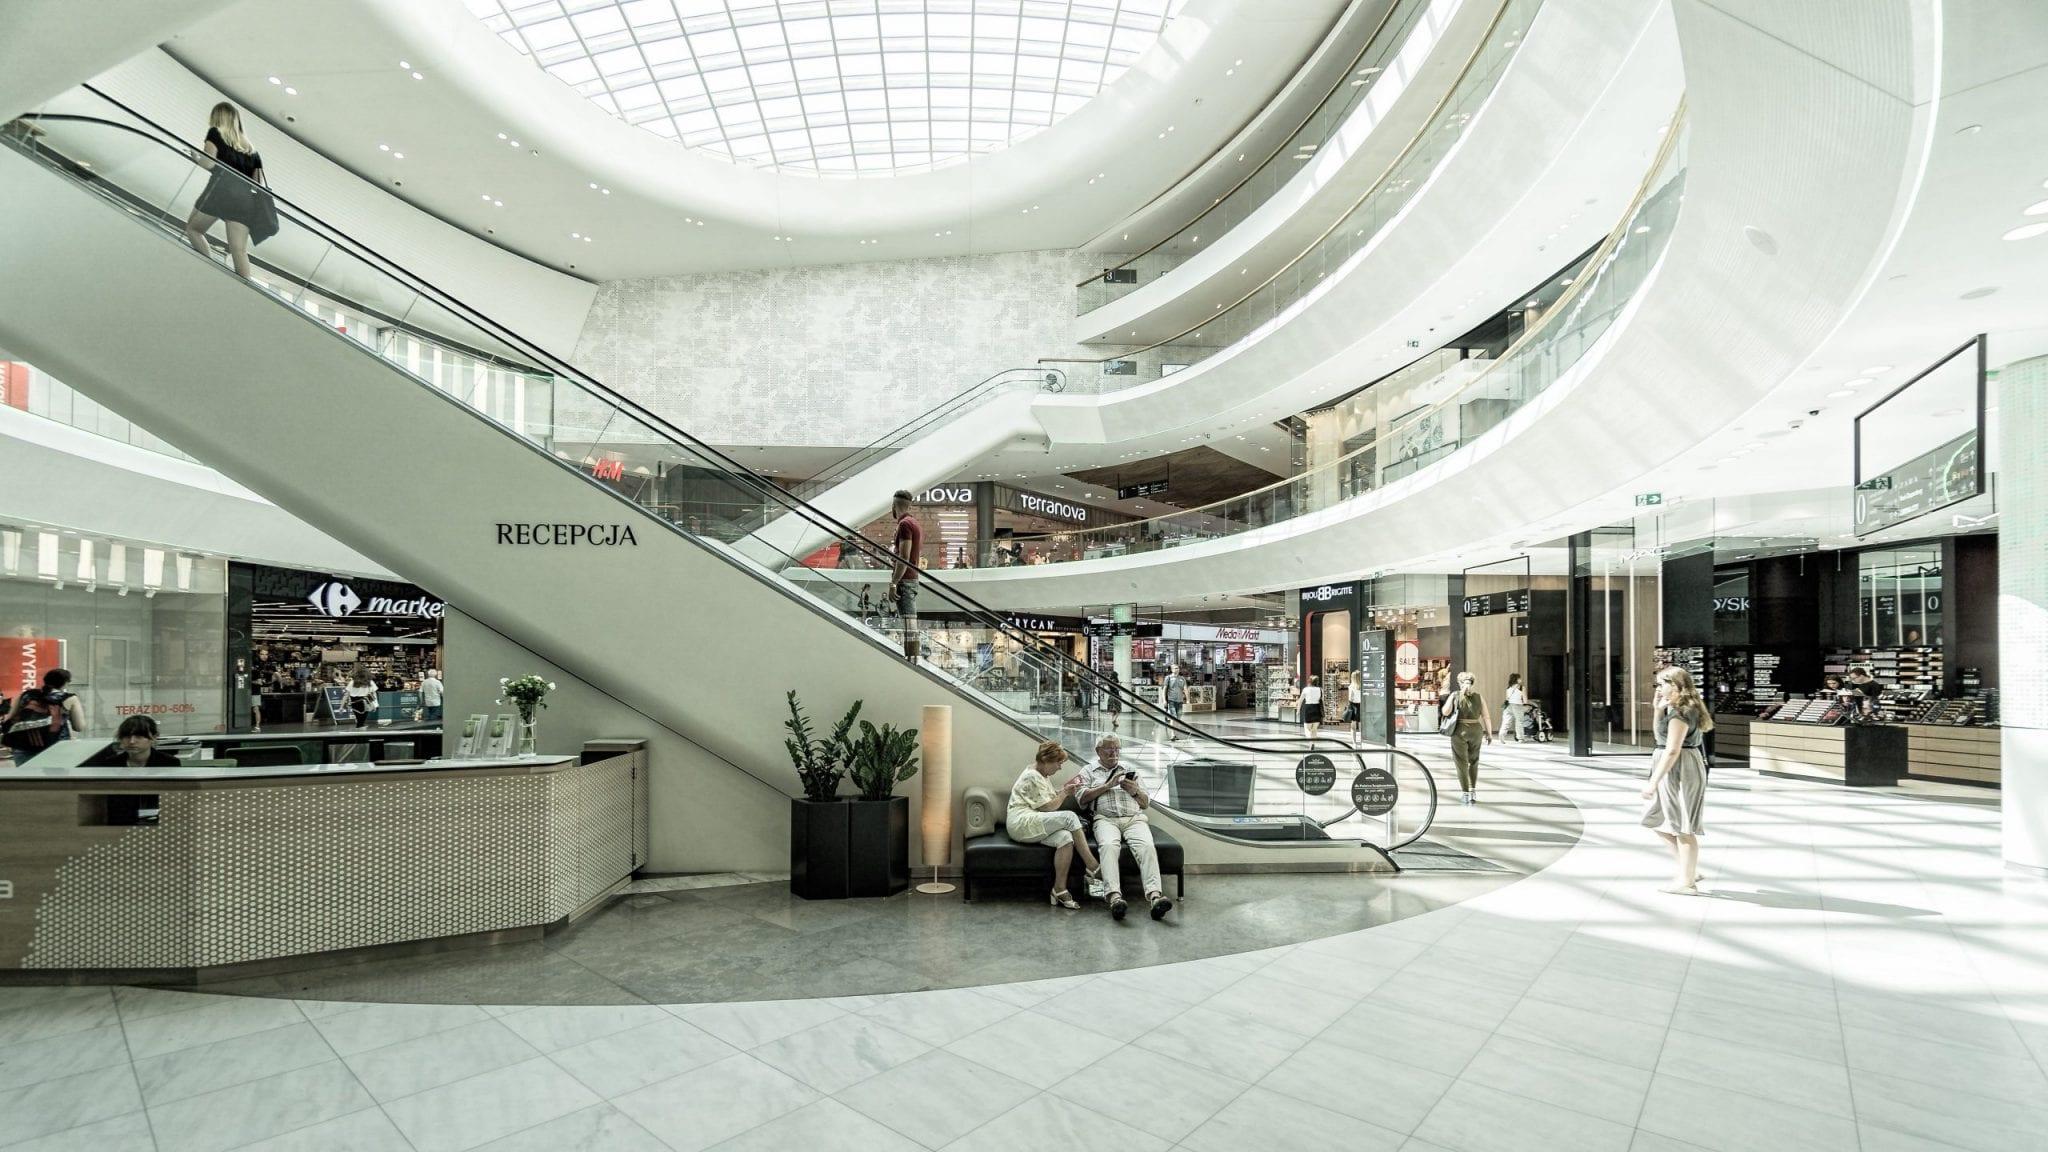 Déconfinement: la réouverture de centres commerciaux